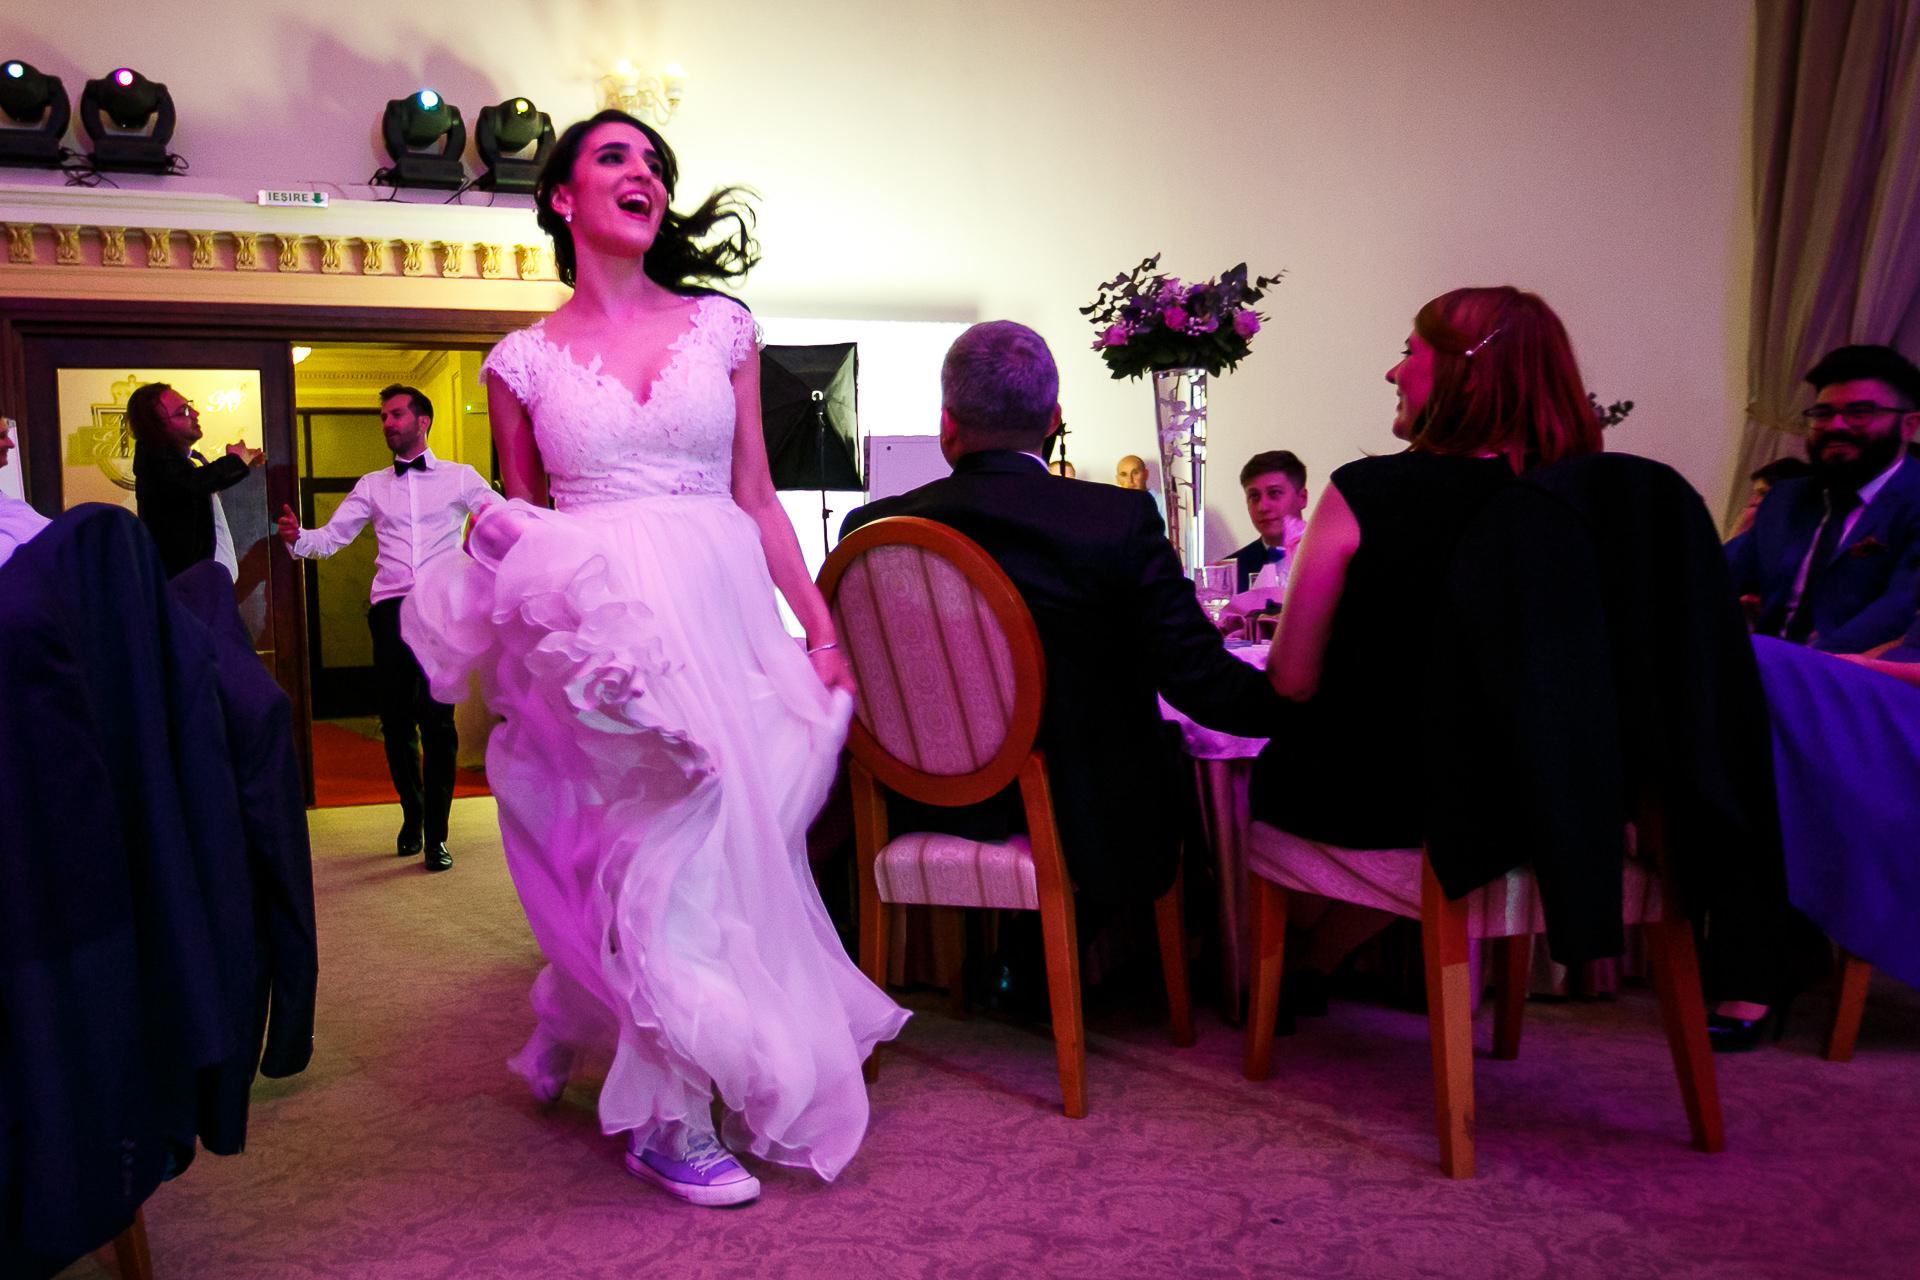 nuntă Salon Elisabeta - Elena şi Costin - Mihai Zaharia Photography - 086